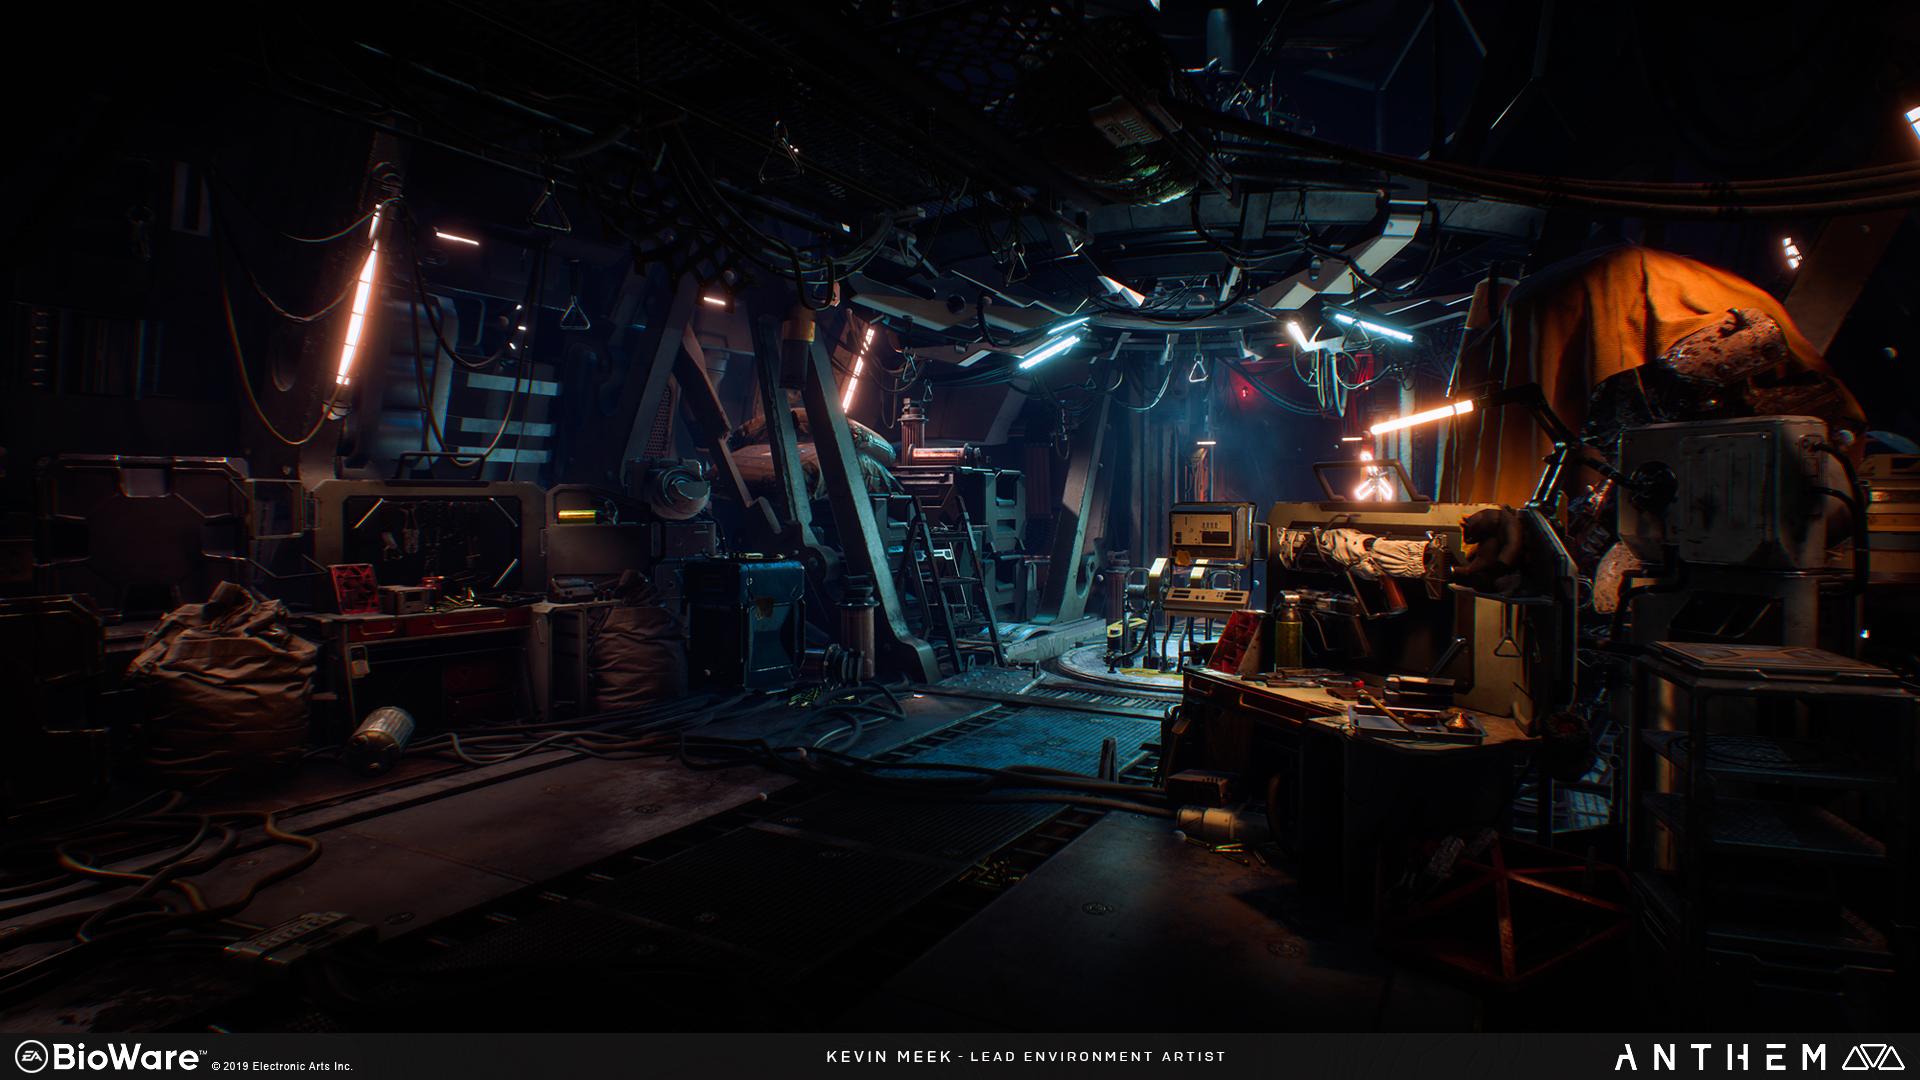 kevin-meek-kmeek-striderint-cargobay-02 (1).jpg